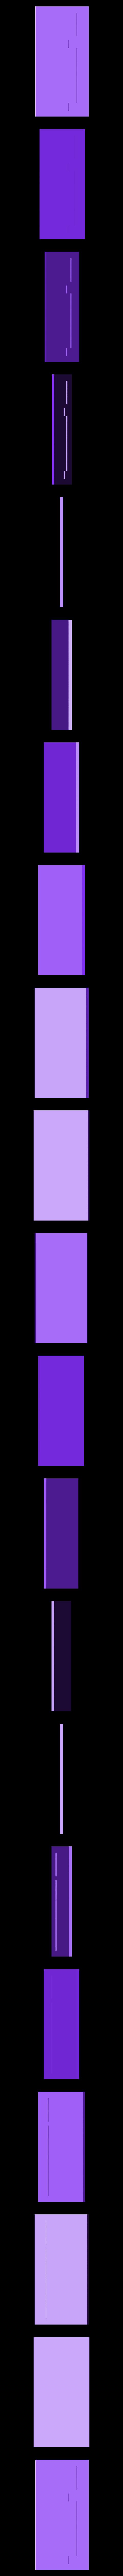 pet-keyCover.stl Télécharger fichier STL gratuit Mini Commodore PET with Charlieplexed LED Matrix • Plan à imprimer en 3D, Adafruit